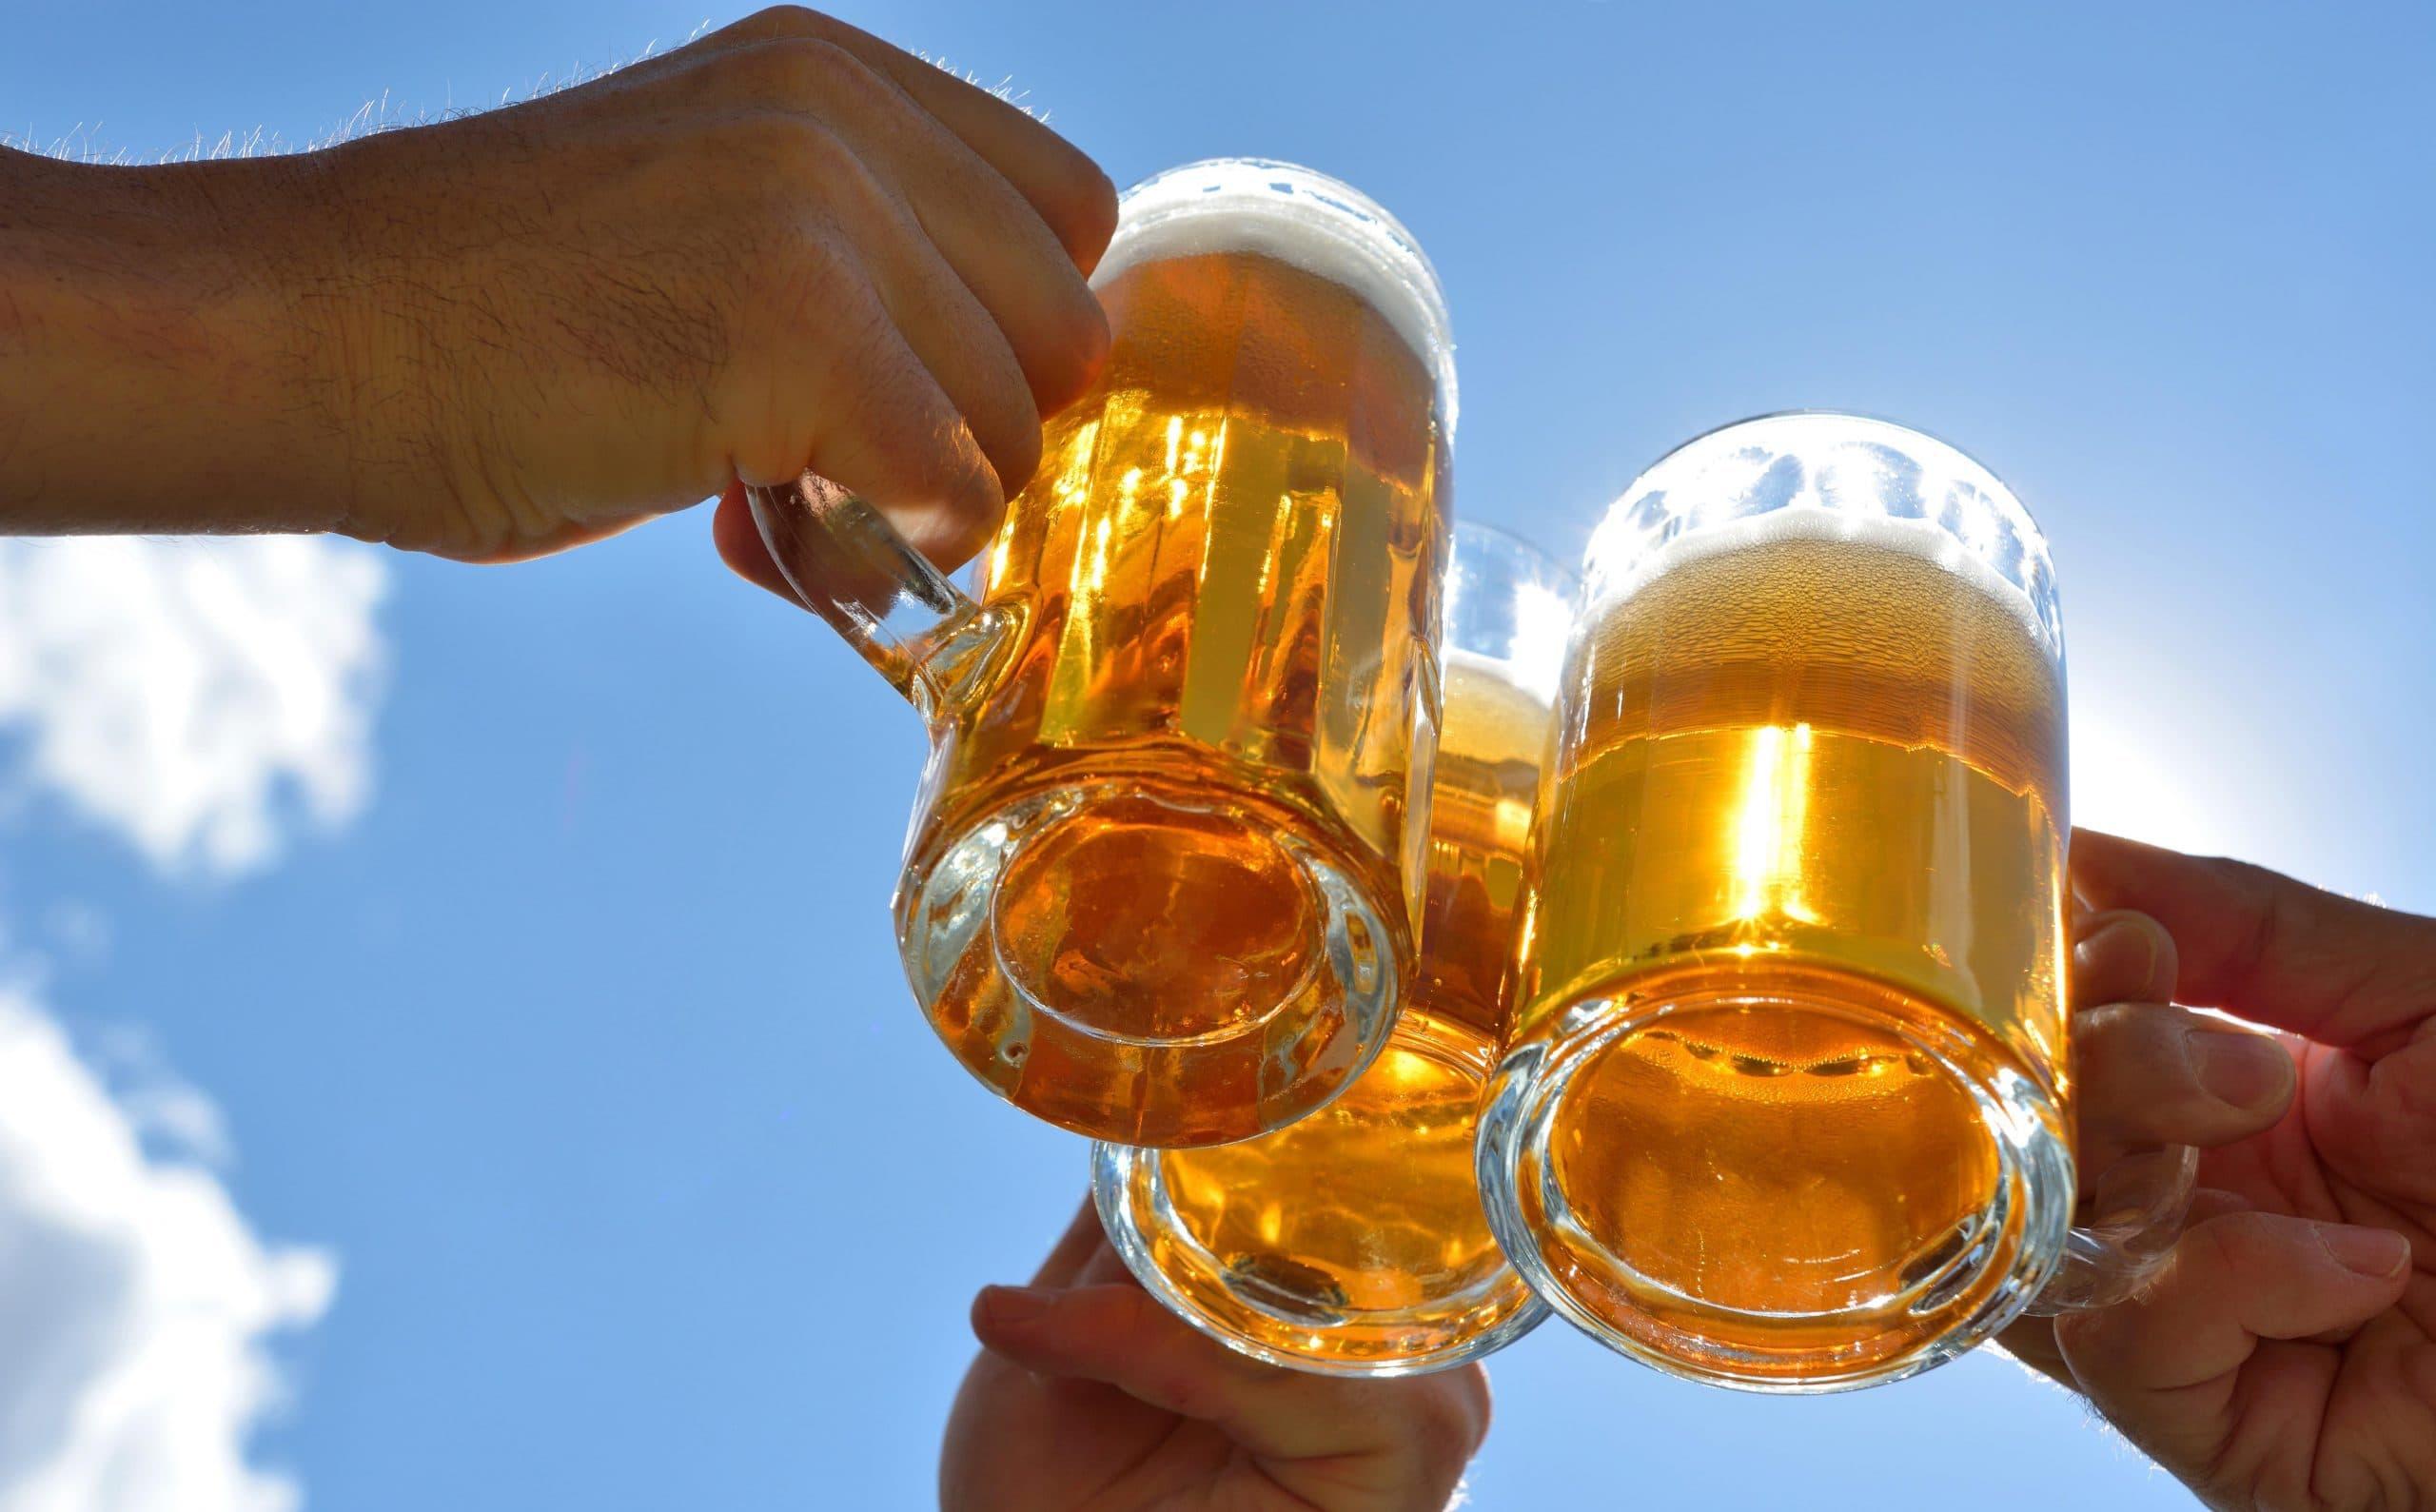 Corona wackelt an bayerischen Grundfesten Wirtshäuser und Biergärten geschlossen, Volksfeste abgesagt - Brauereien in der Bier-Krise